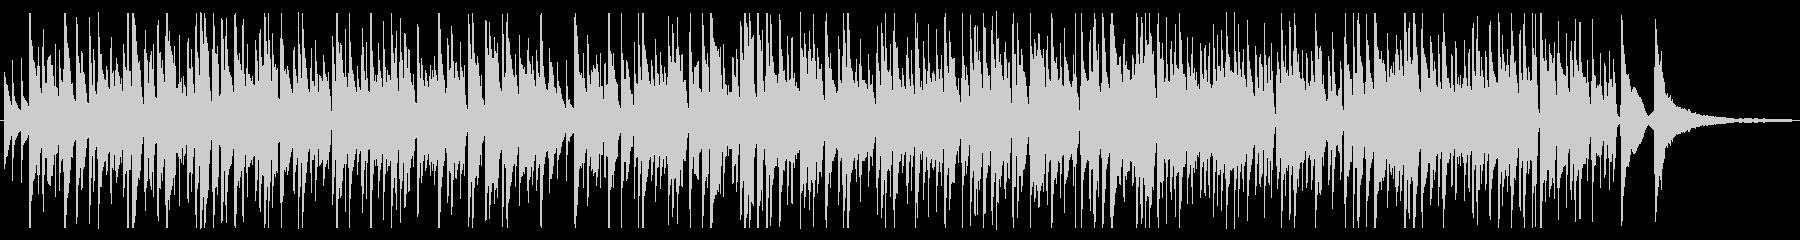 落ち着くボサノバギターBGM Shortの未再生の波形